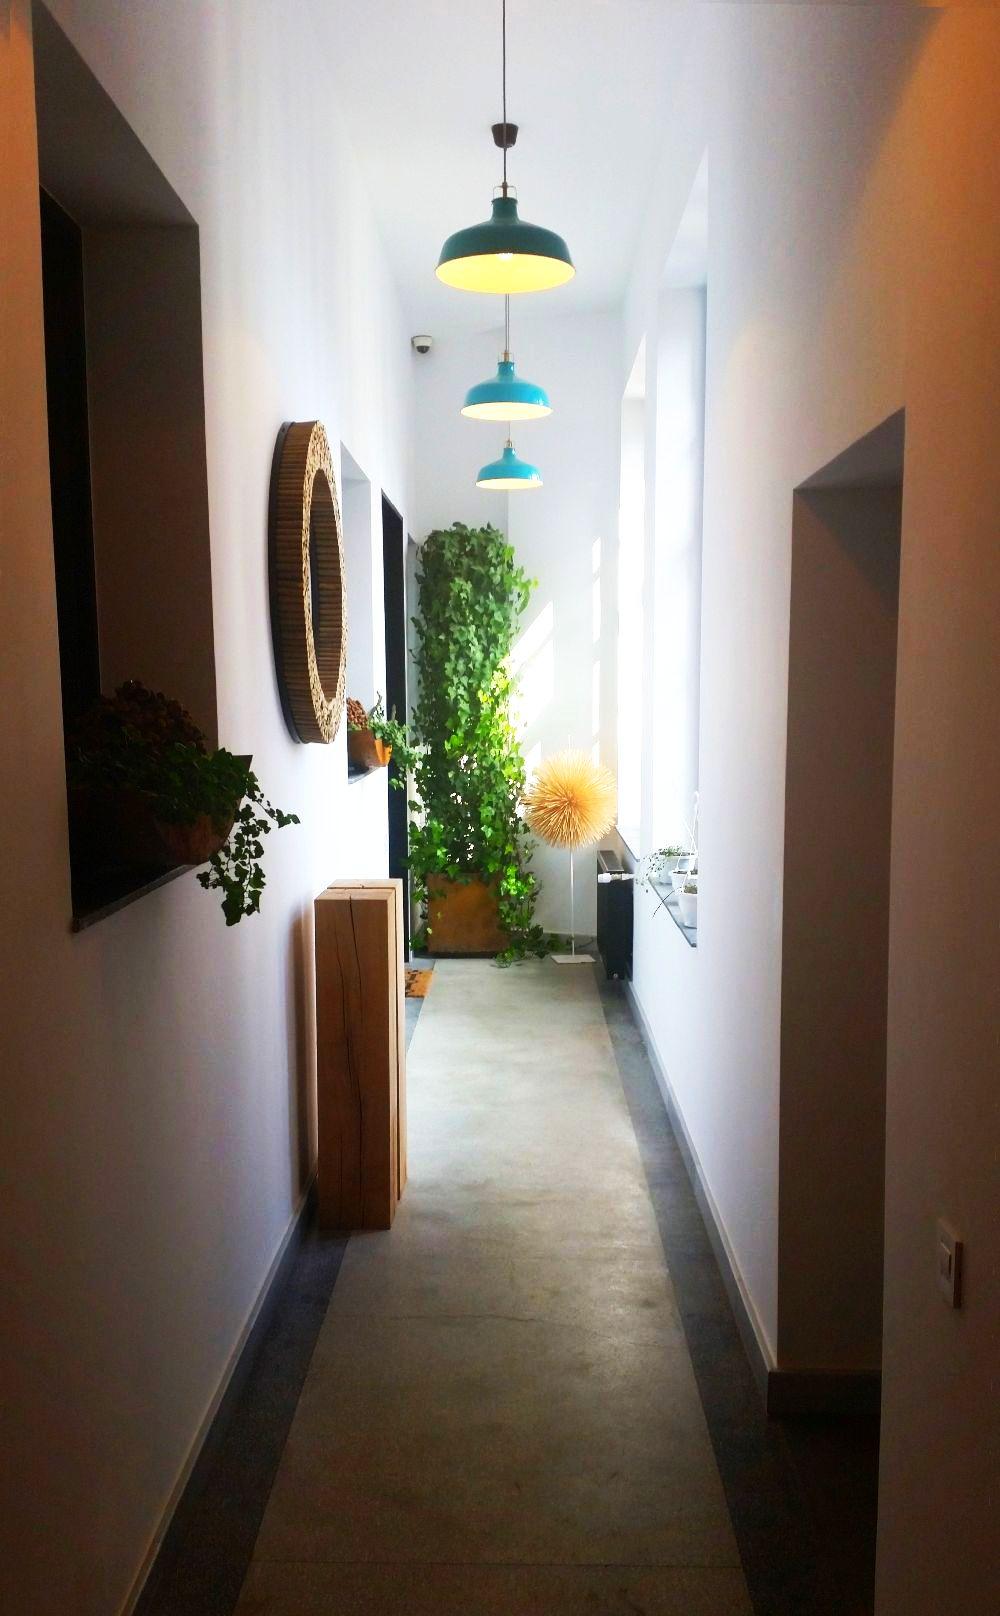 adelaparvu.com despre atelierul designerului florist Nicu Bocancea, Foraria Iris, design interior Pascal Delmotte (7)